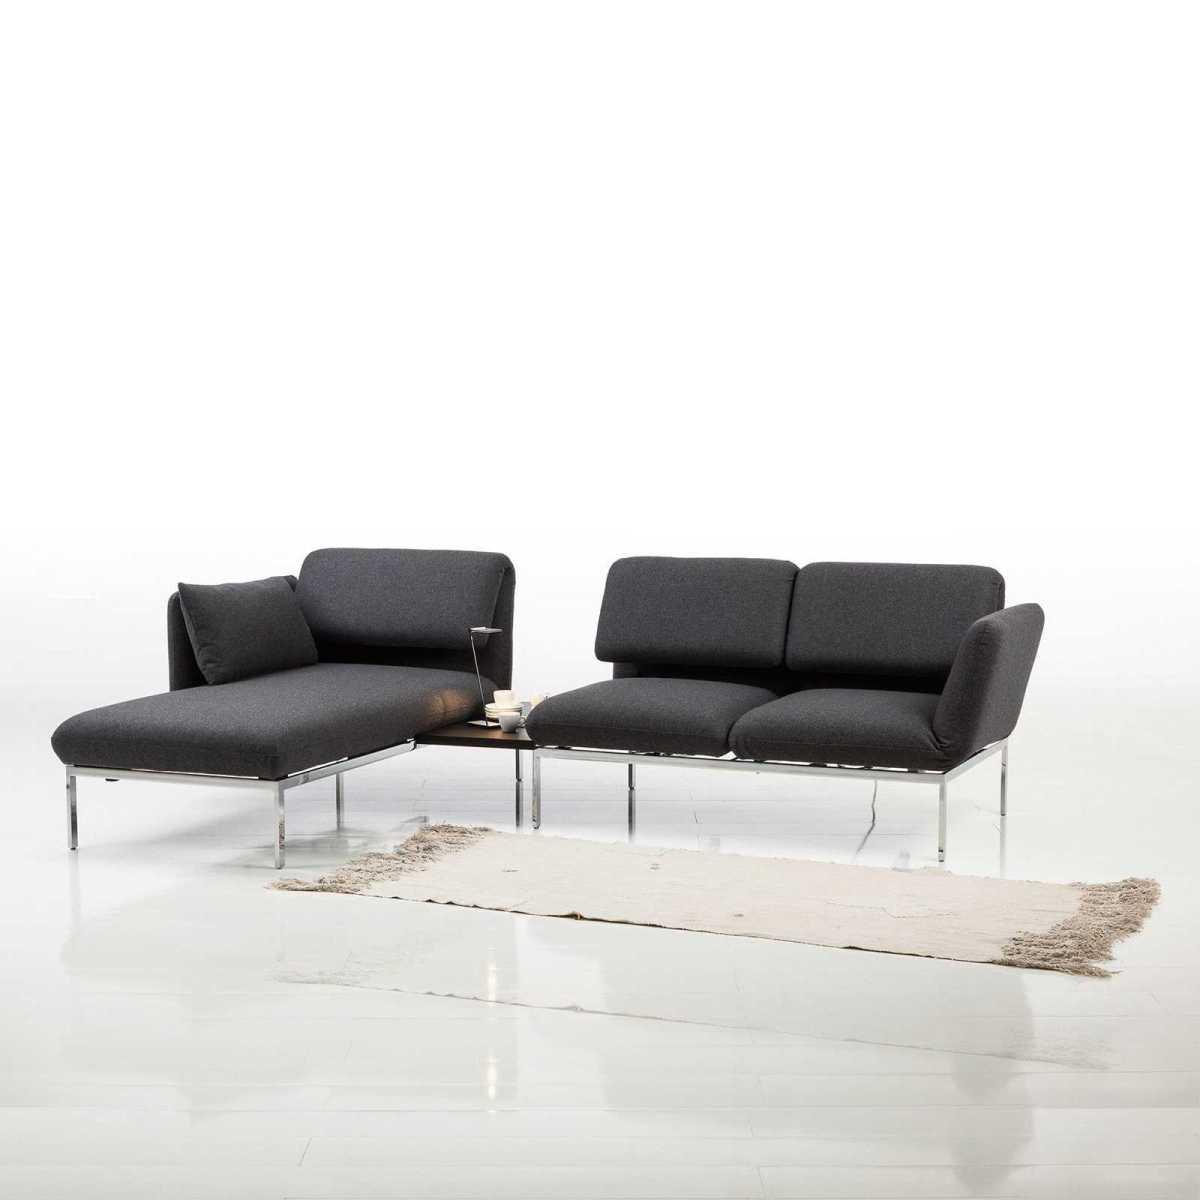 Das Sofa Roro Soft von Brühl wurde als Ergänzung zum 20-jährigen Jubiläum des Models Roro ins Leben gerufen.